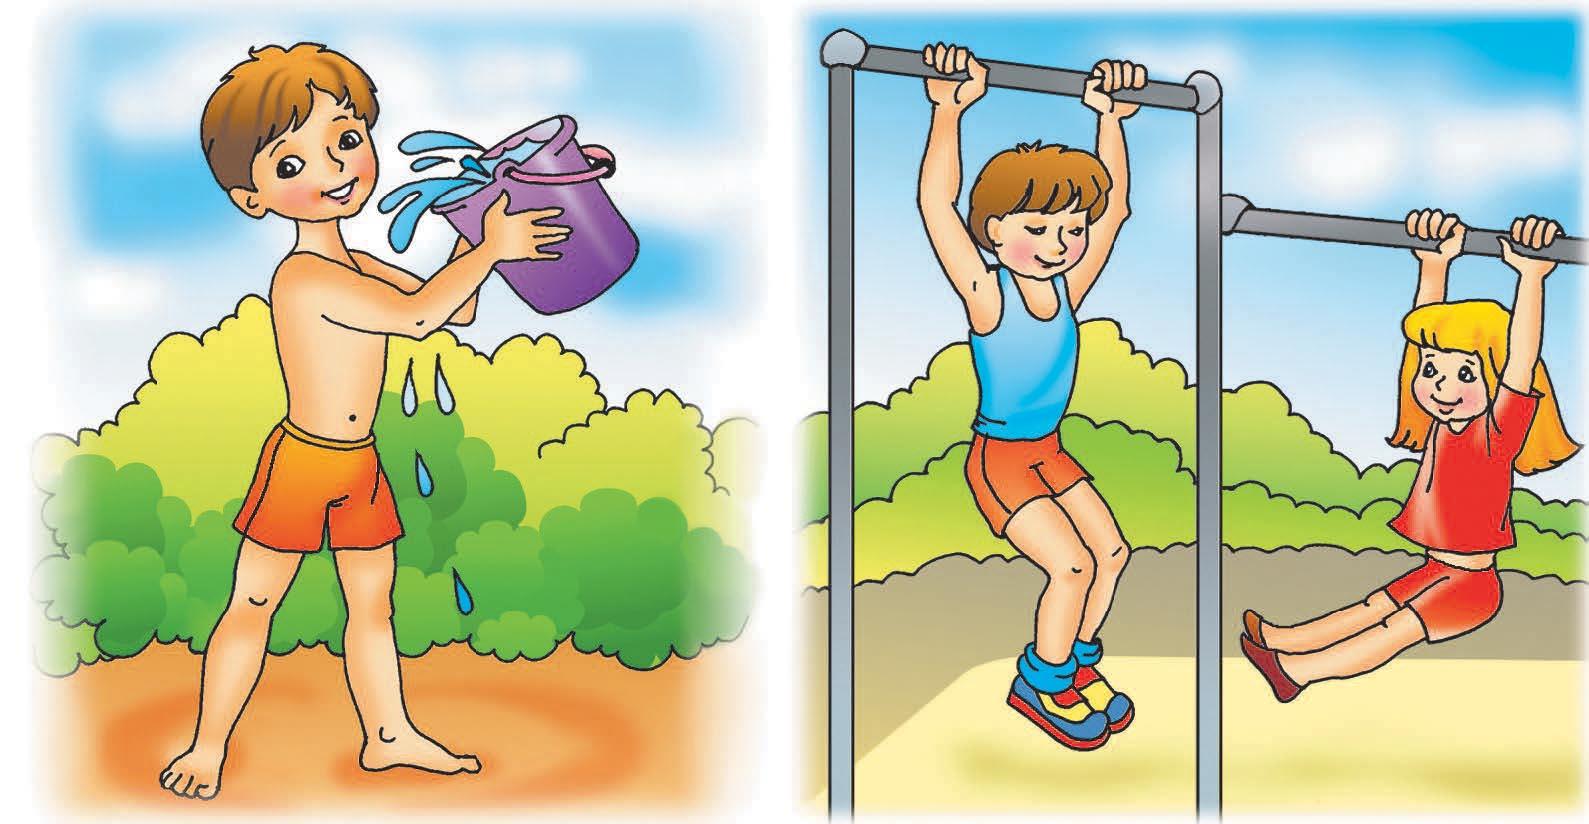 сочинение про здоровый образ жизни 4 класс